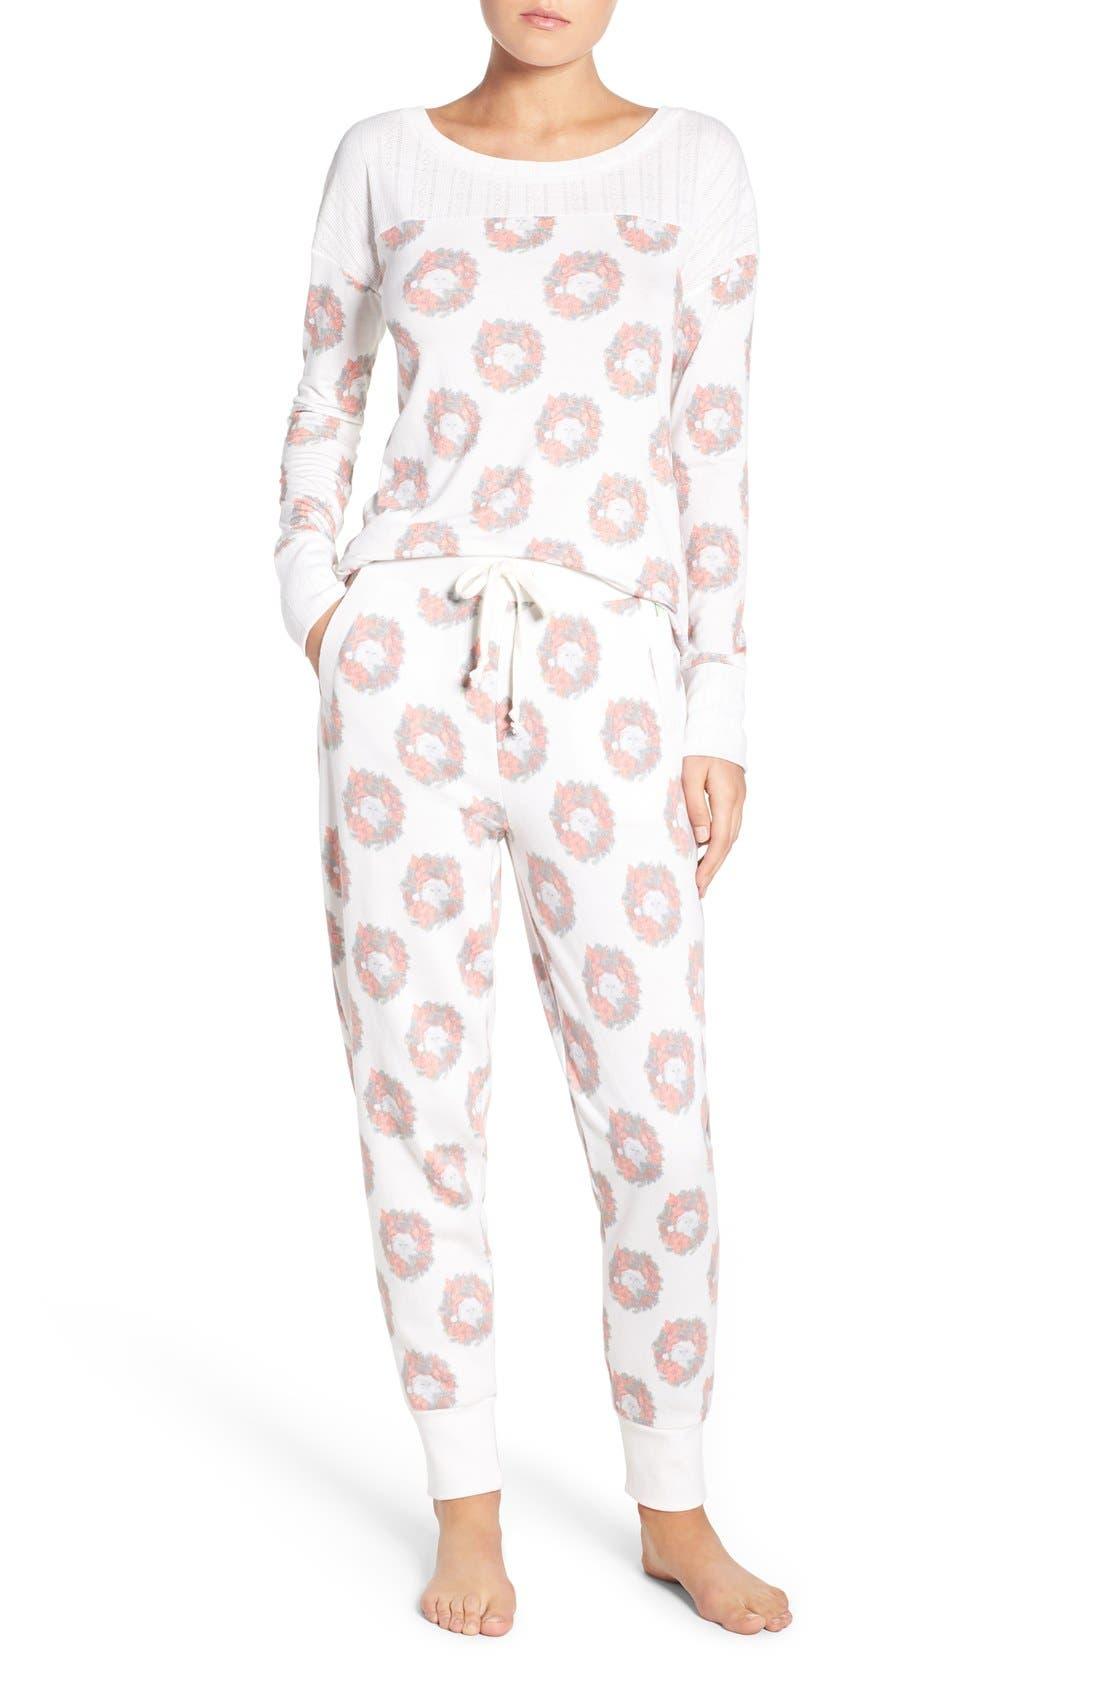 Main Image - Honeydew Intimates Fleece Pajamas